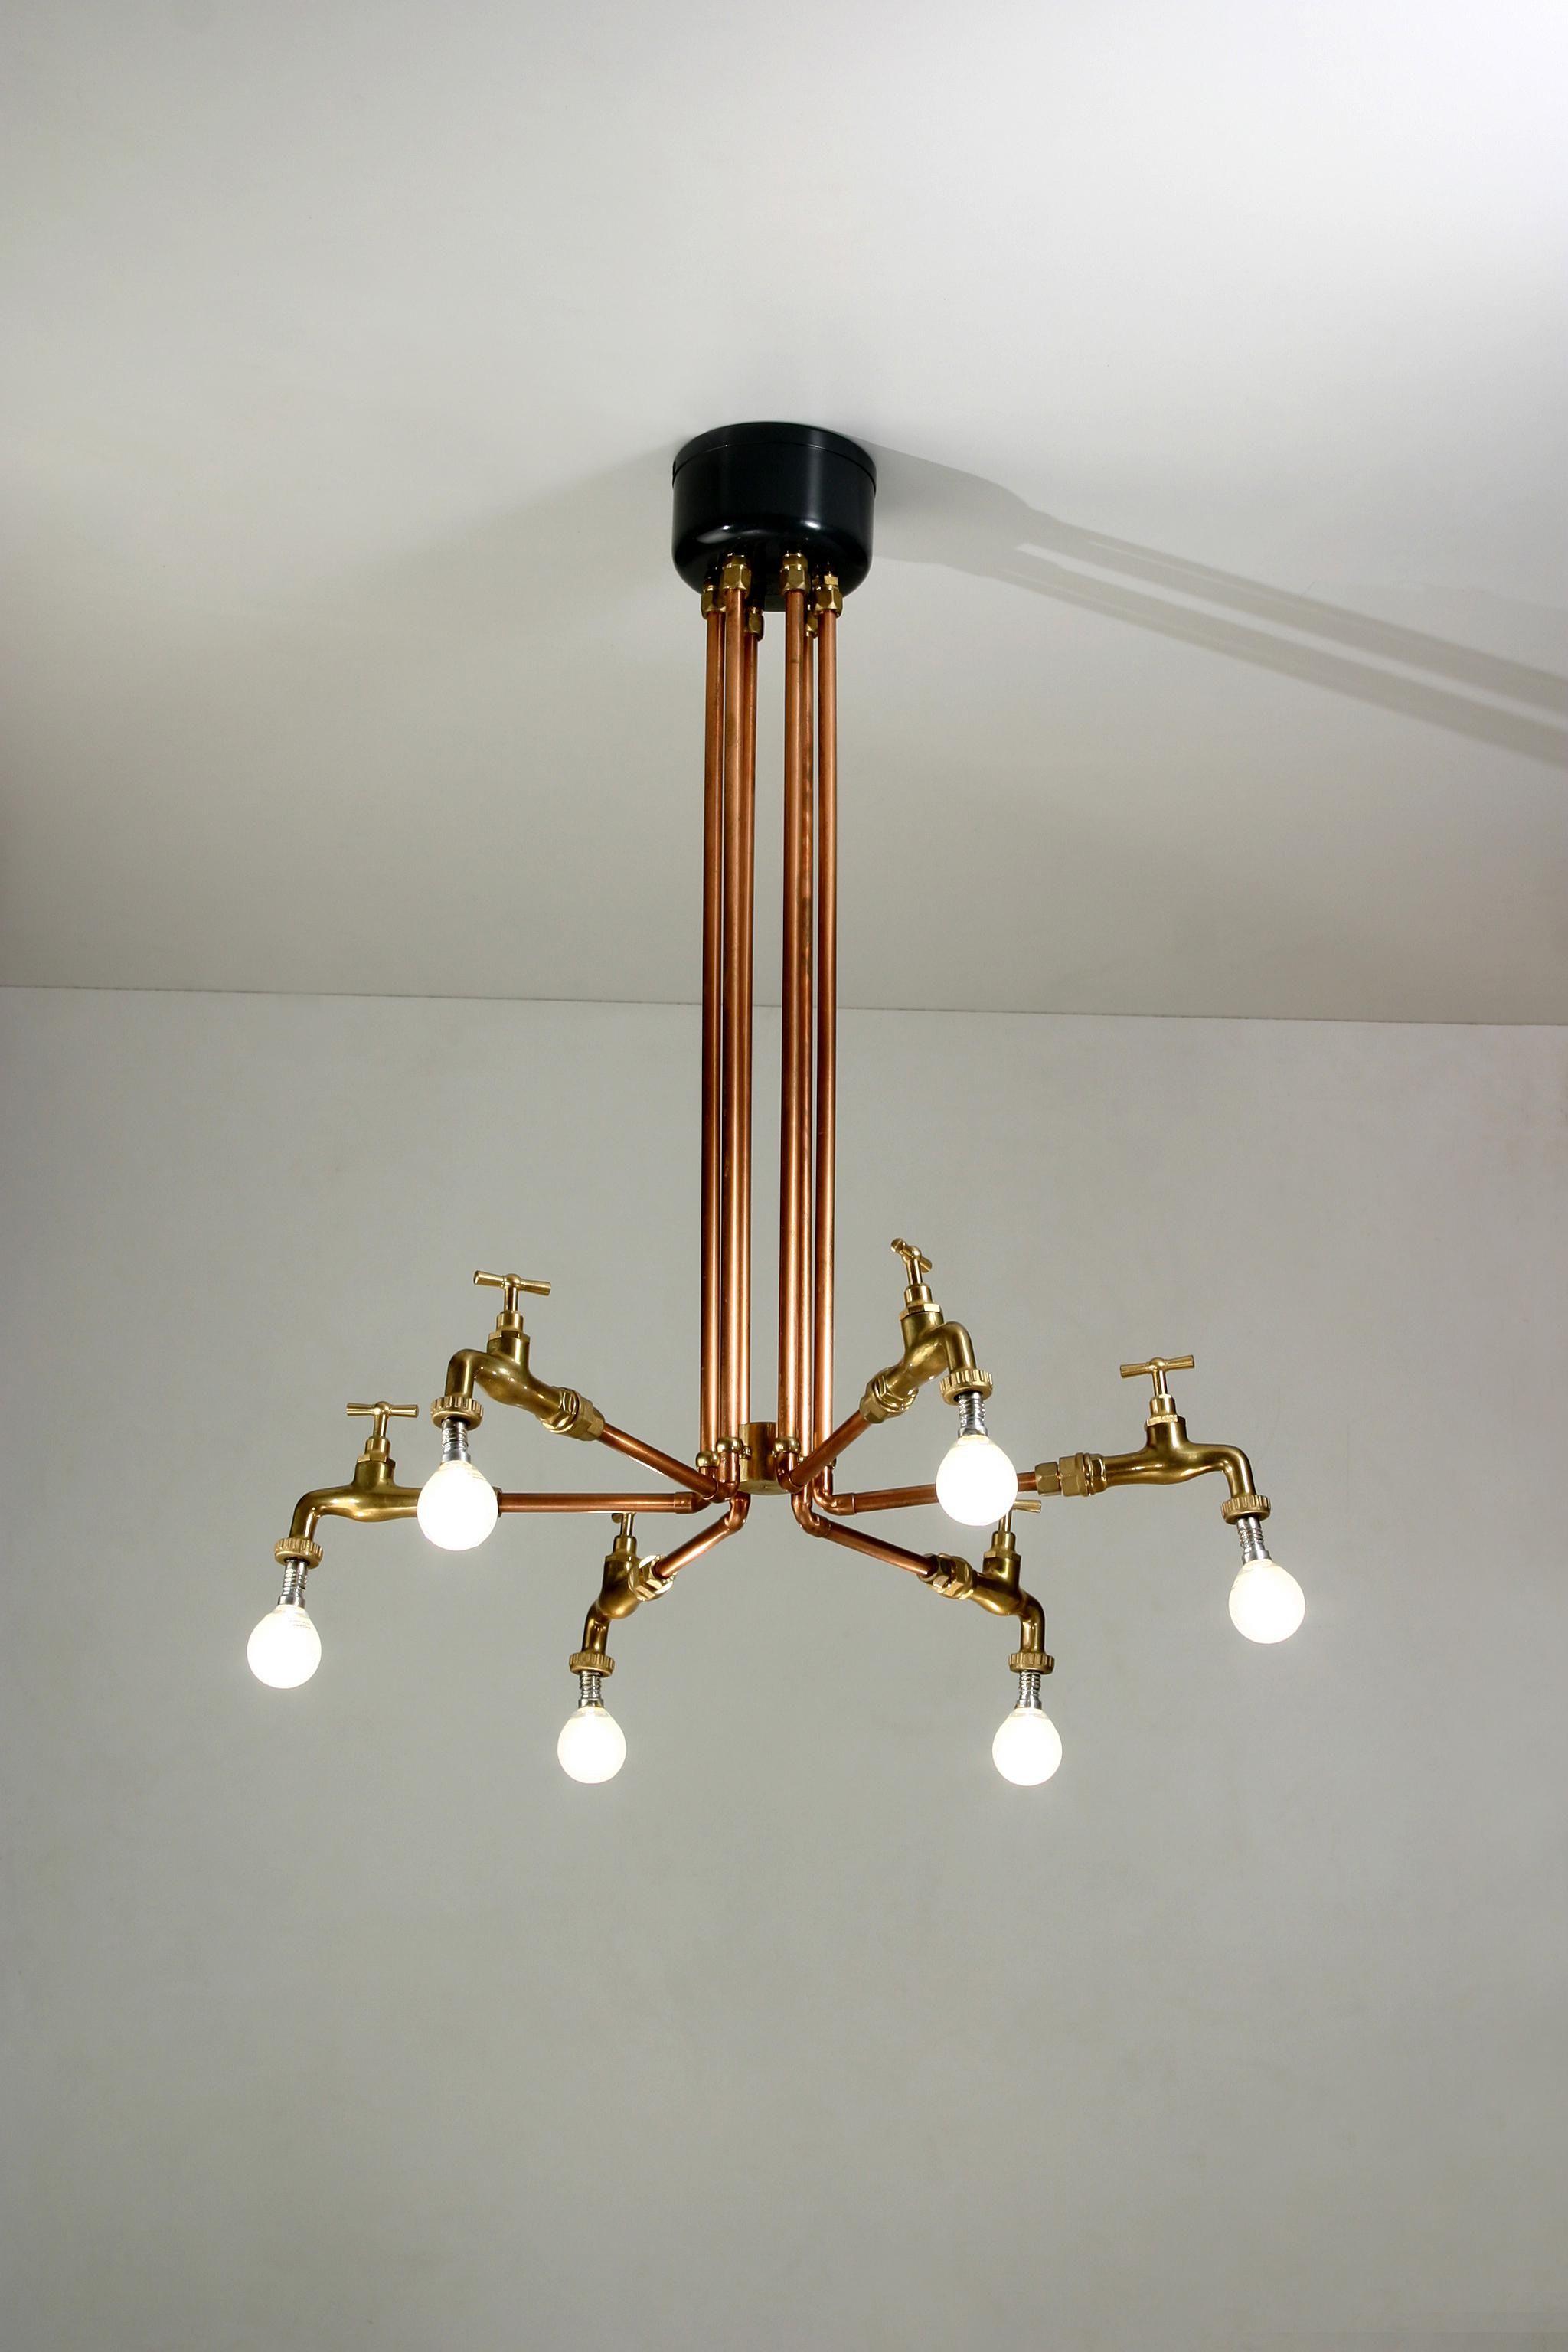 Sofia lam lampadario di yonel hidalgo materiali tubo di for Rubinetti per tubi di rame